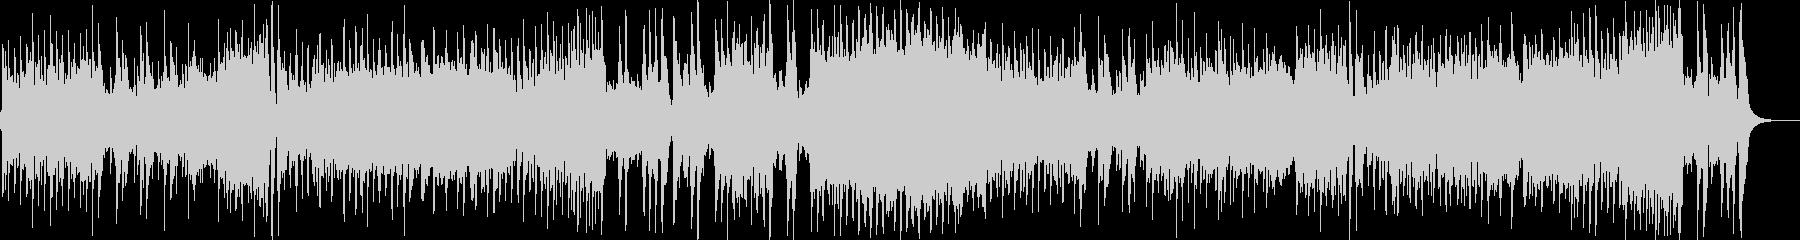 モーツァルトのピアノソナタをギターでの未再生の波形